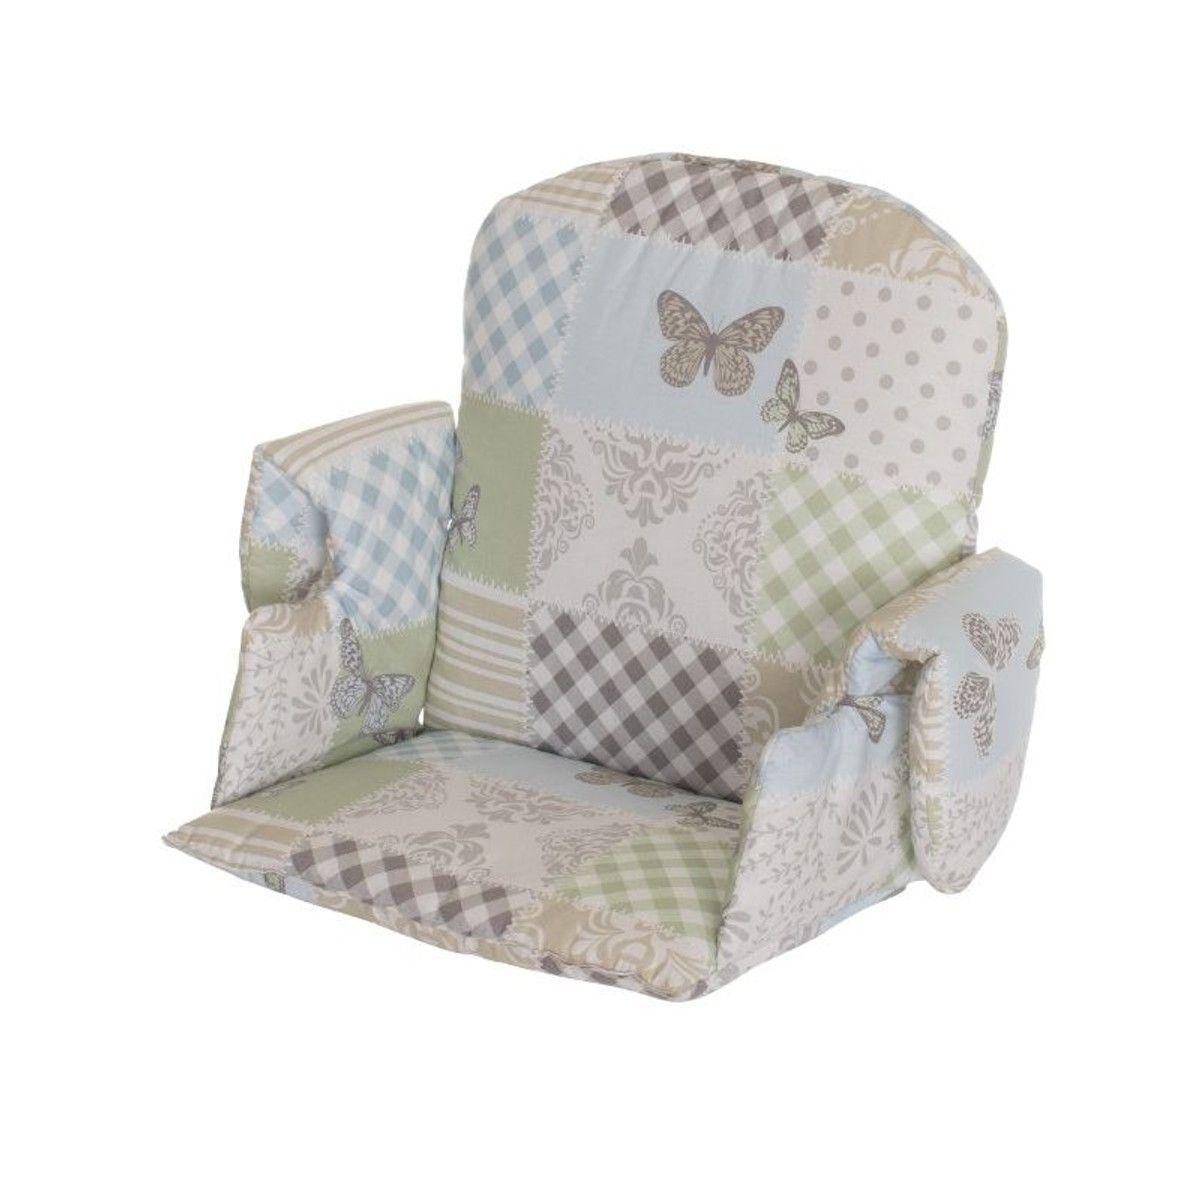 Reducteur Avec Accoudoir Pour Chaise Haute Tissus Patchwork